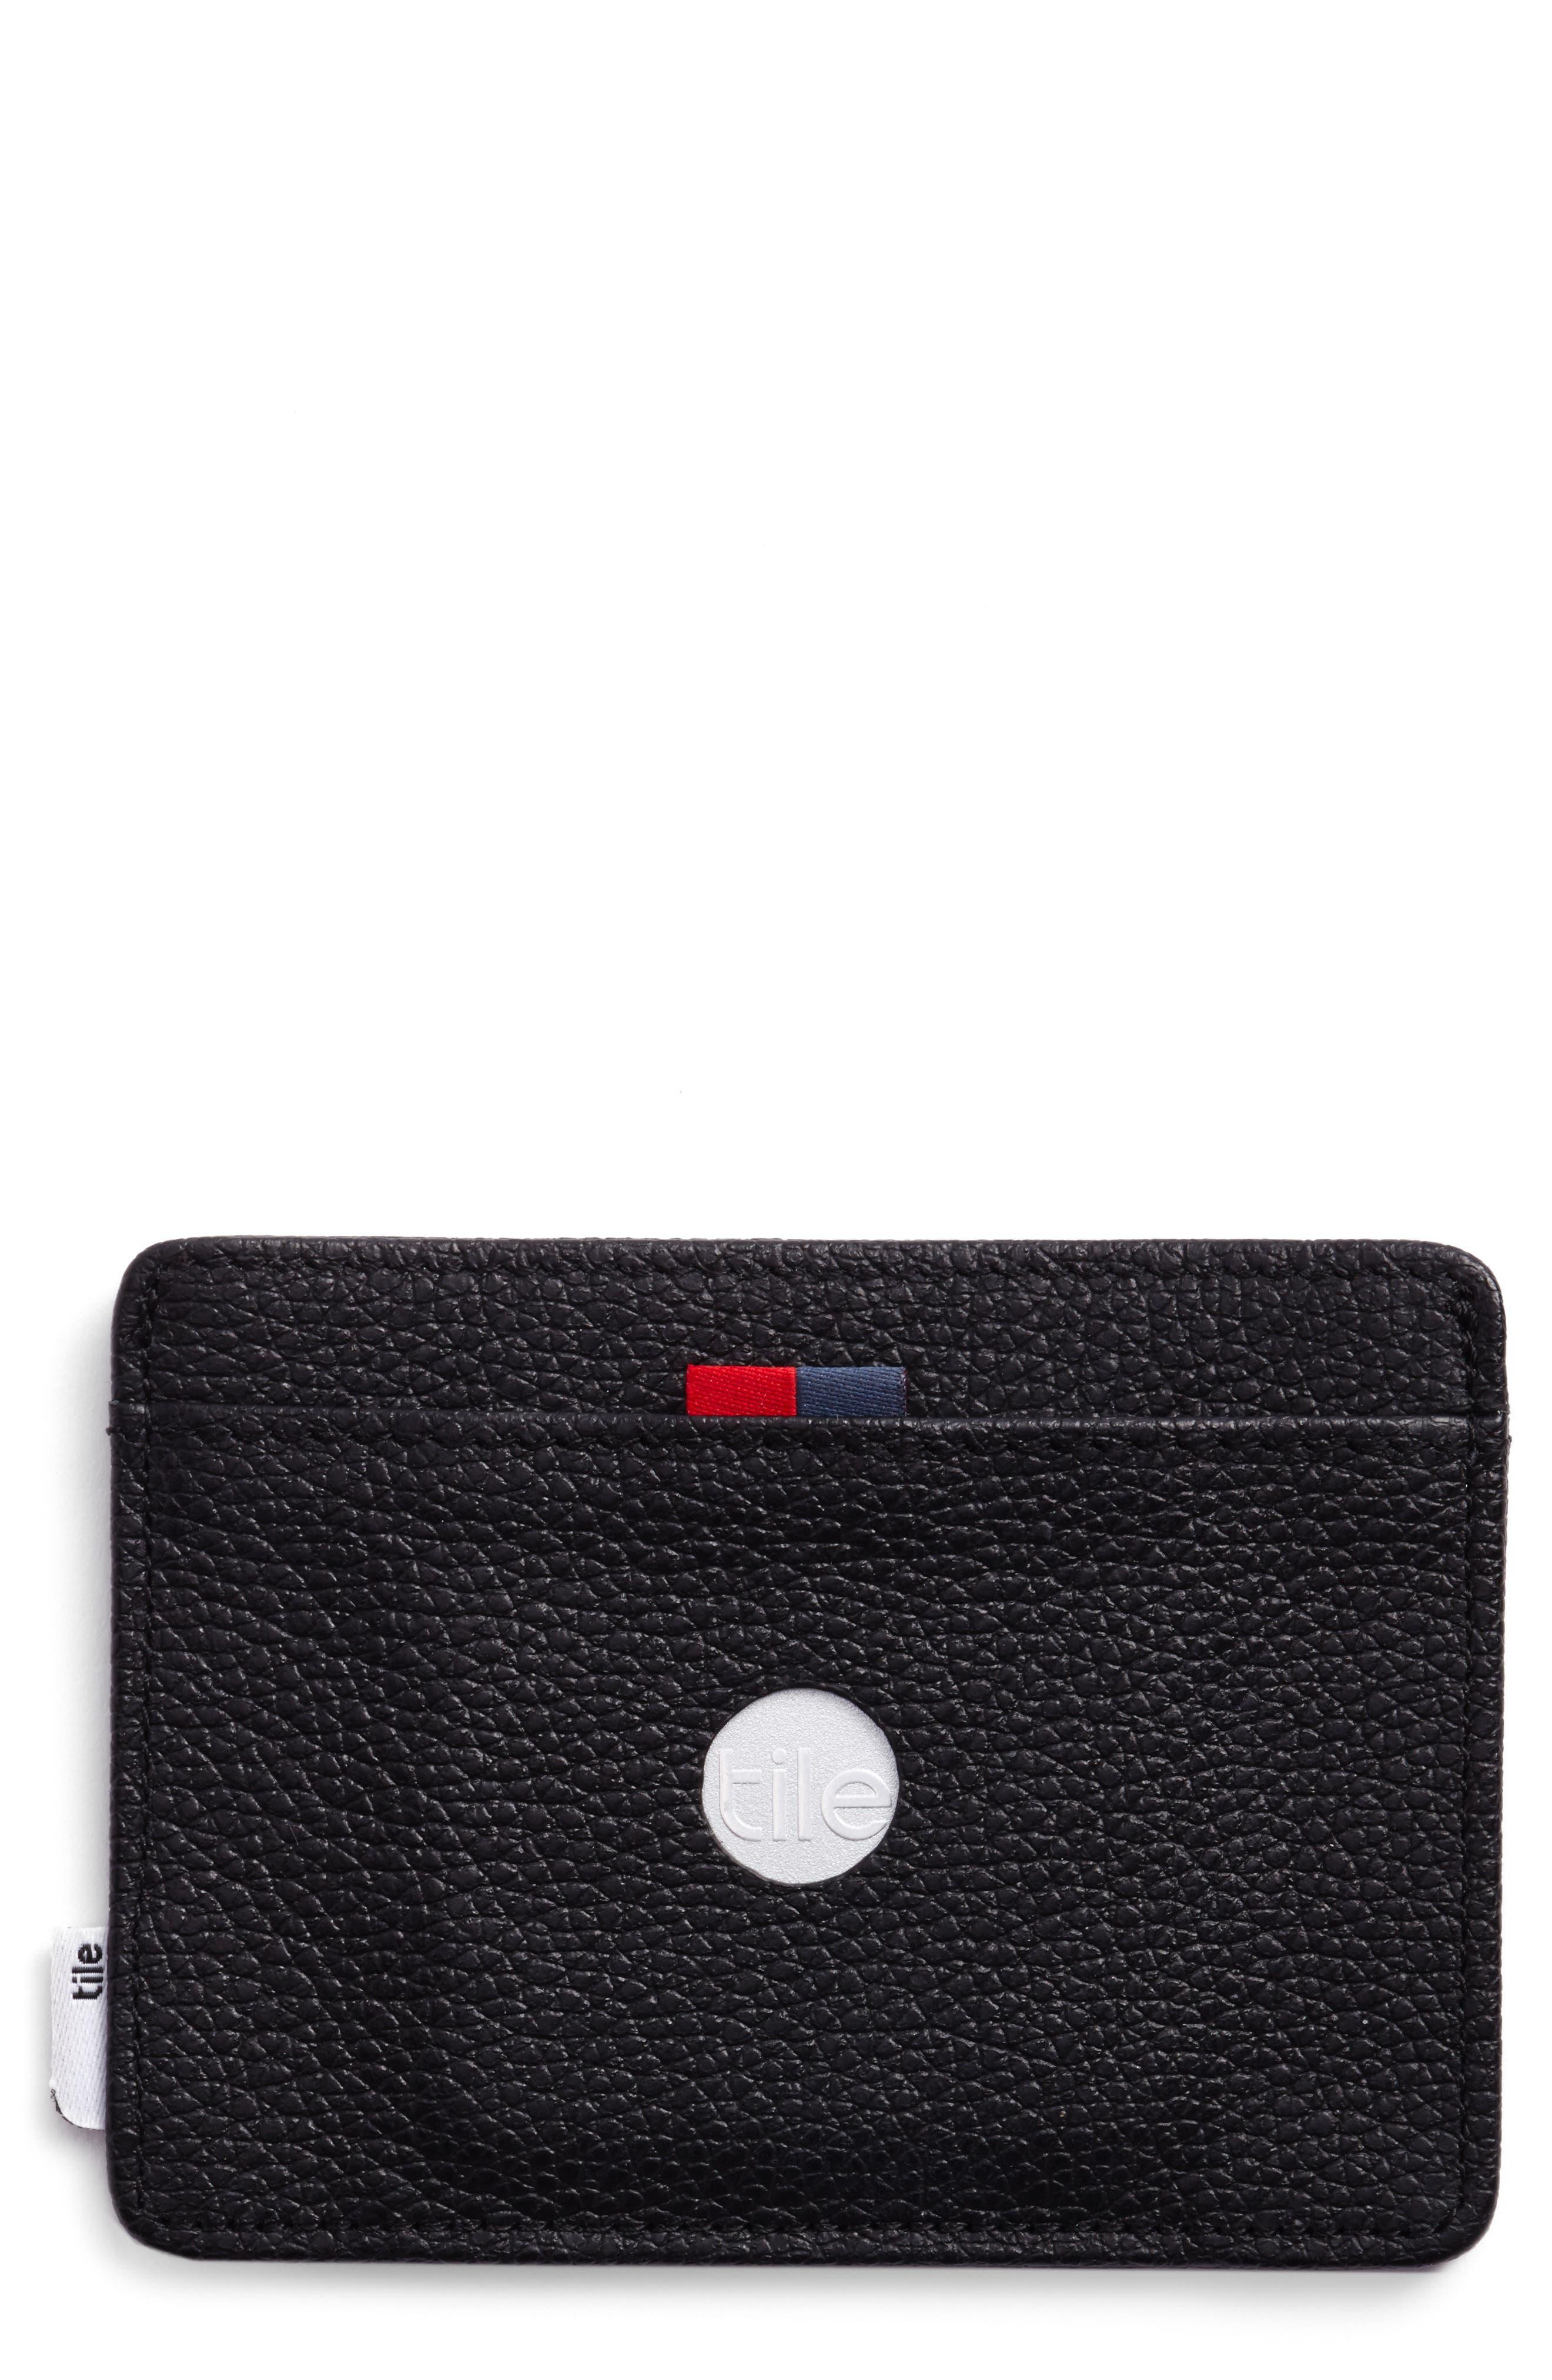 Alternate Image 2  - Herschel Supply Co. Tile Slim Charlie Leather Card Case